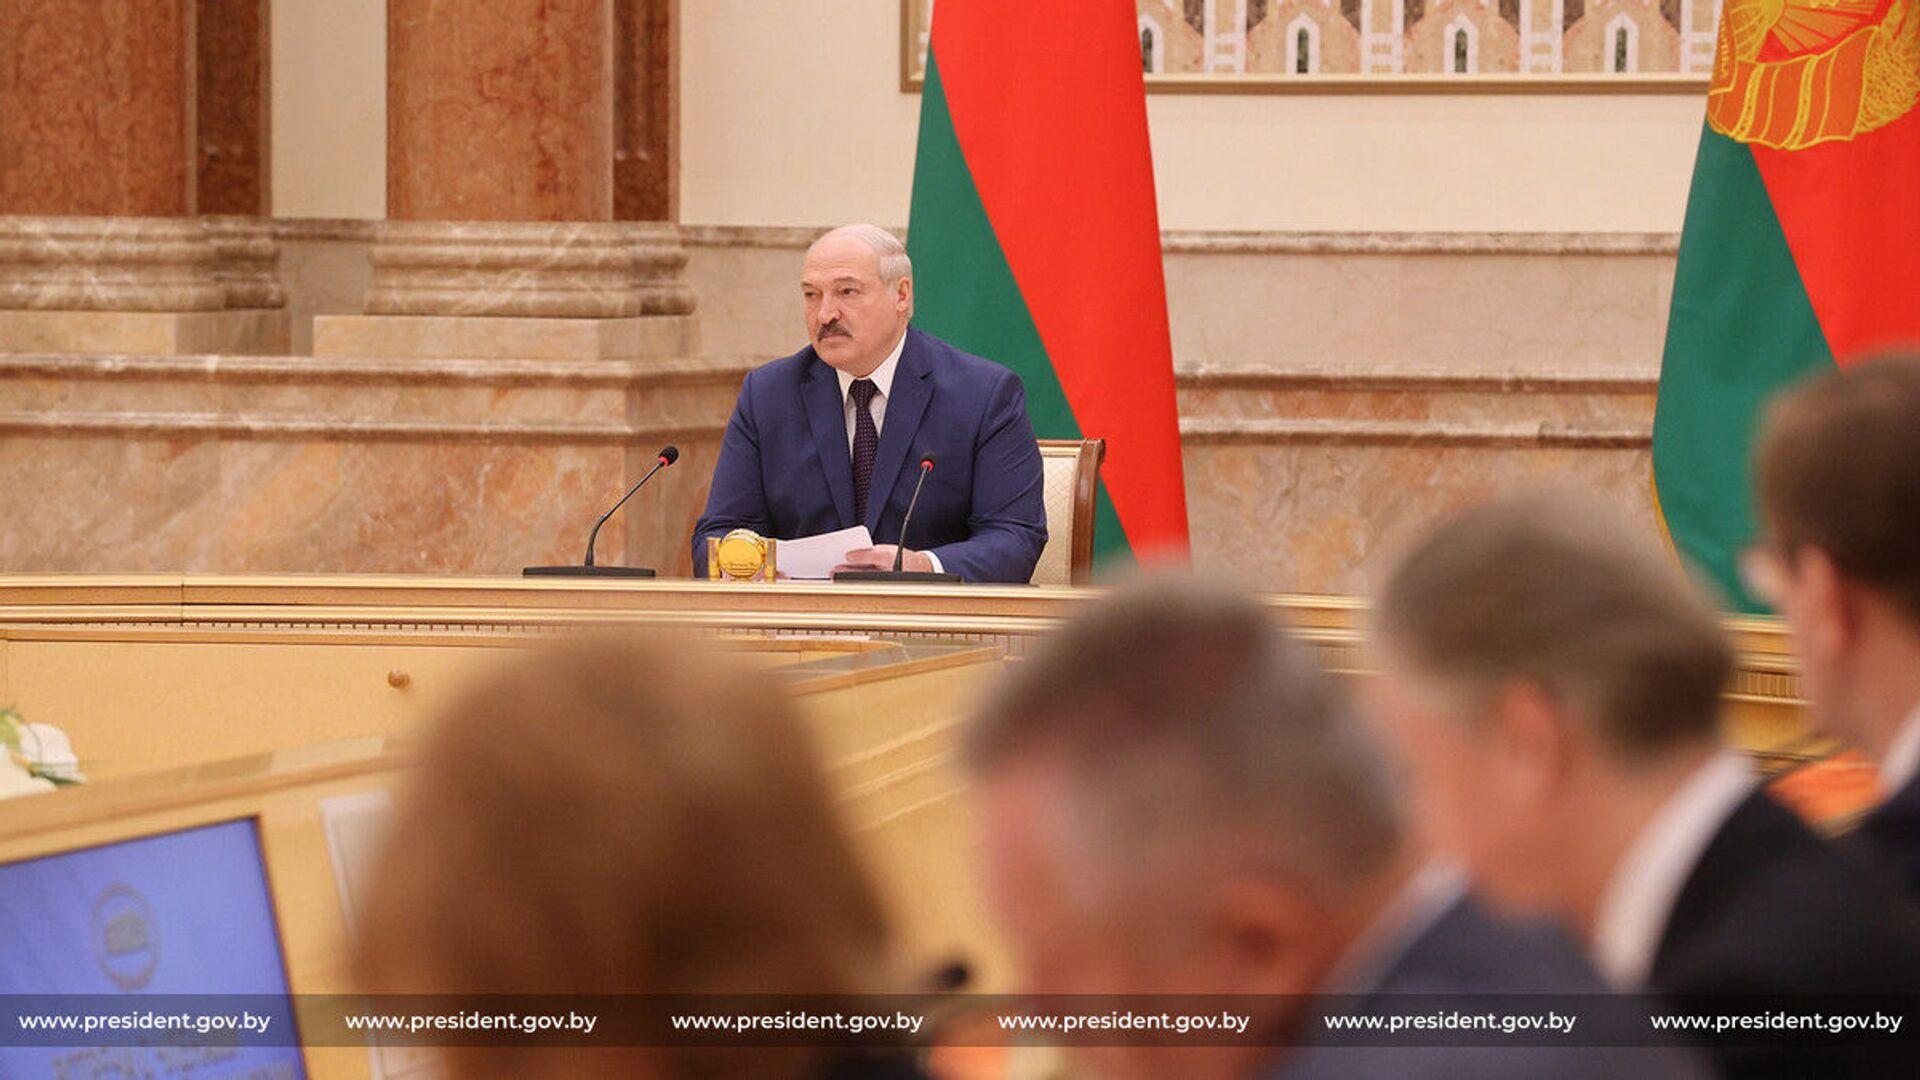 Prezydent Białorusi Alaksandr Łukaszenka podczas spotkania z członkami Komisji Konstytucyjnej - Sputnik Polska, 1920, 26.05.2021